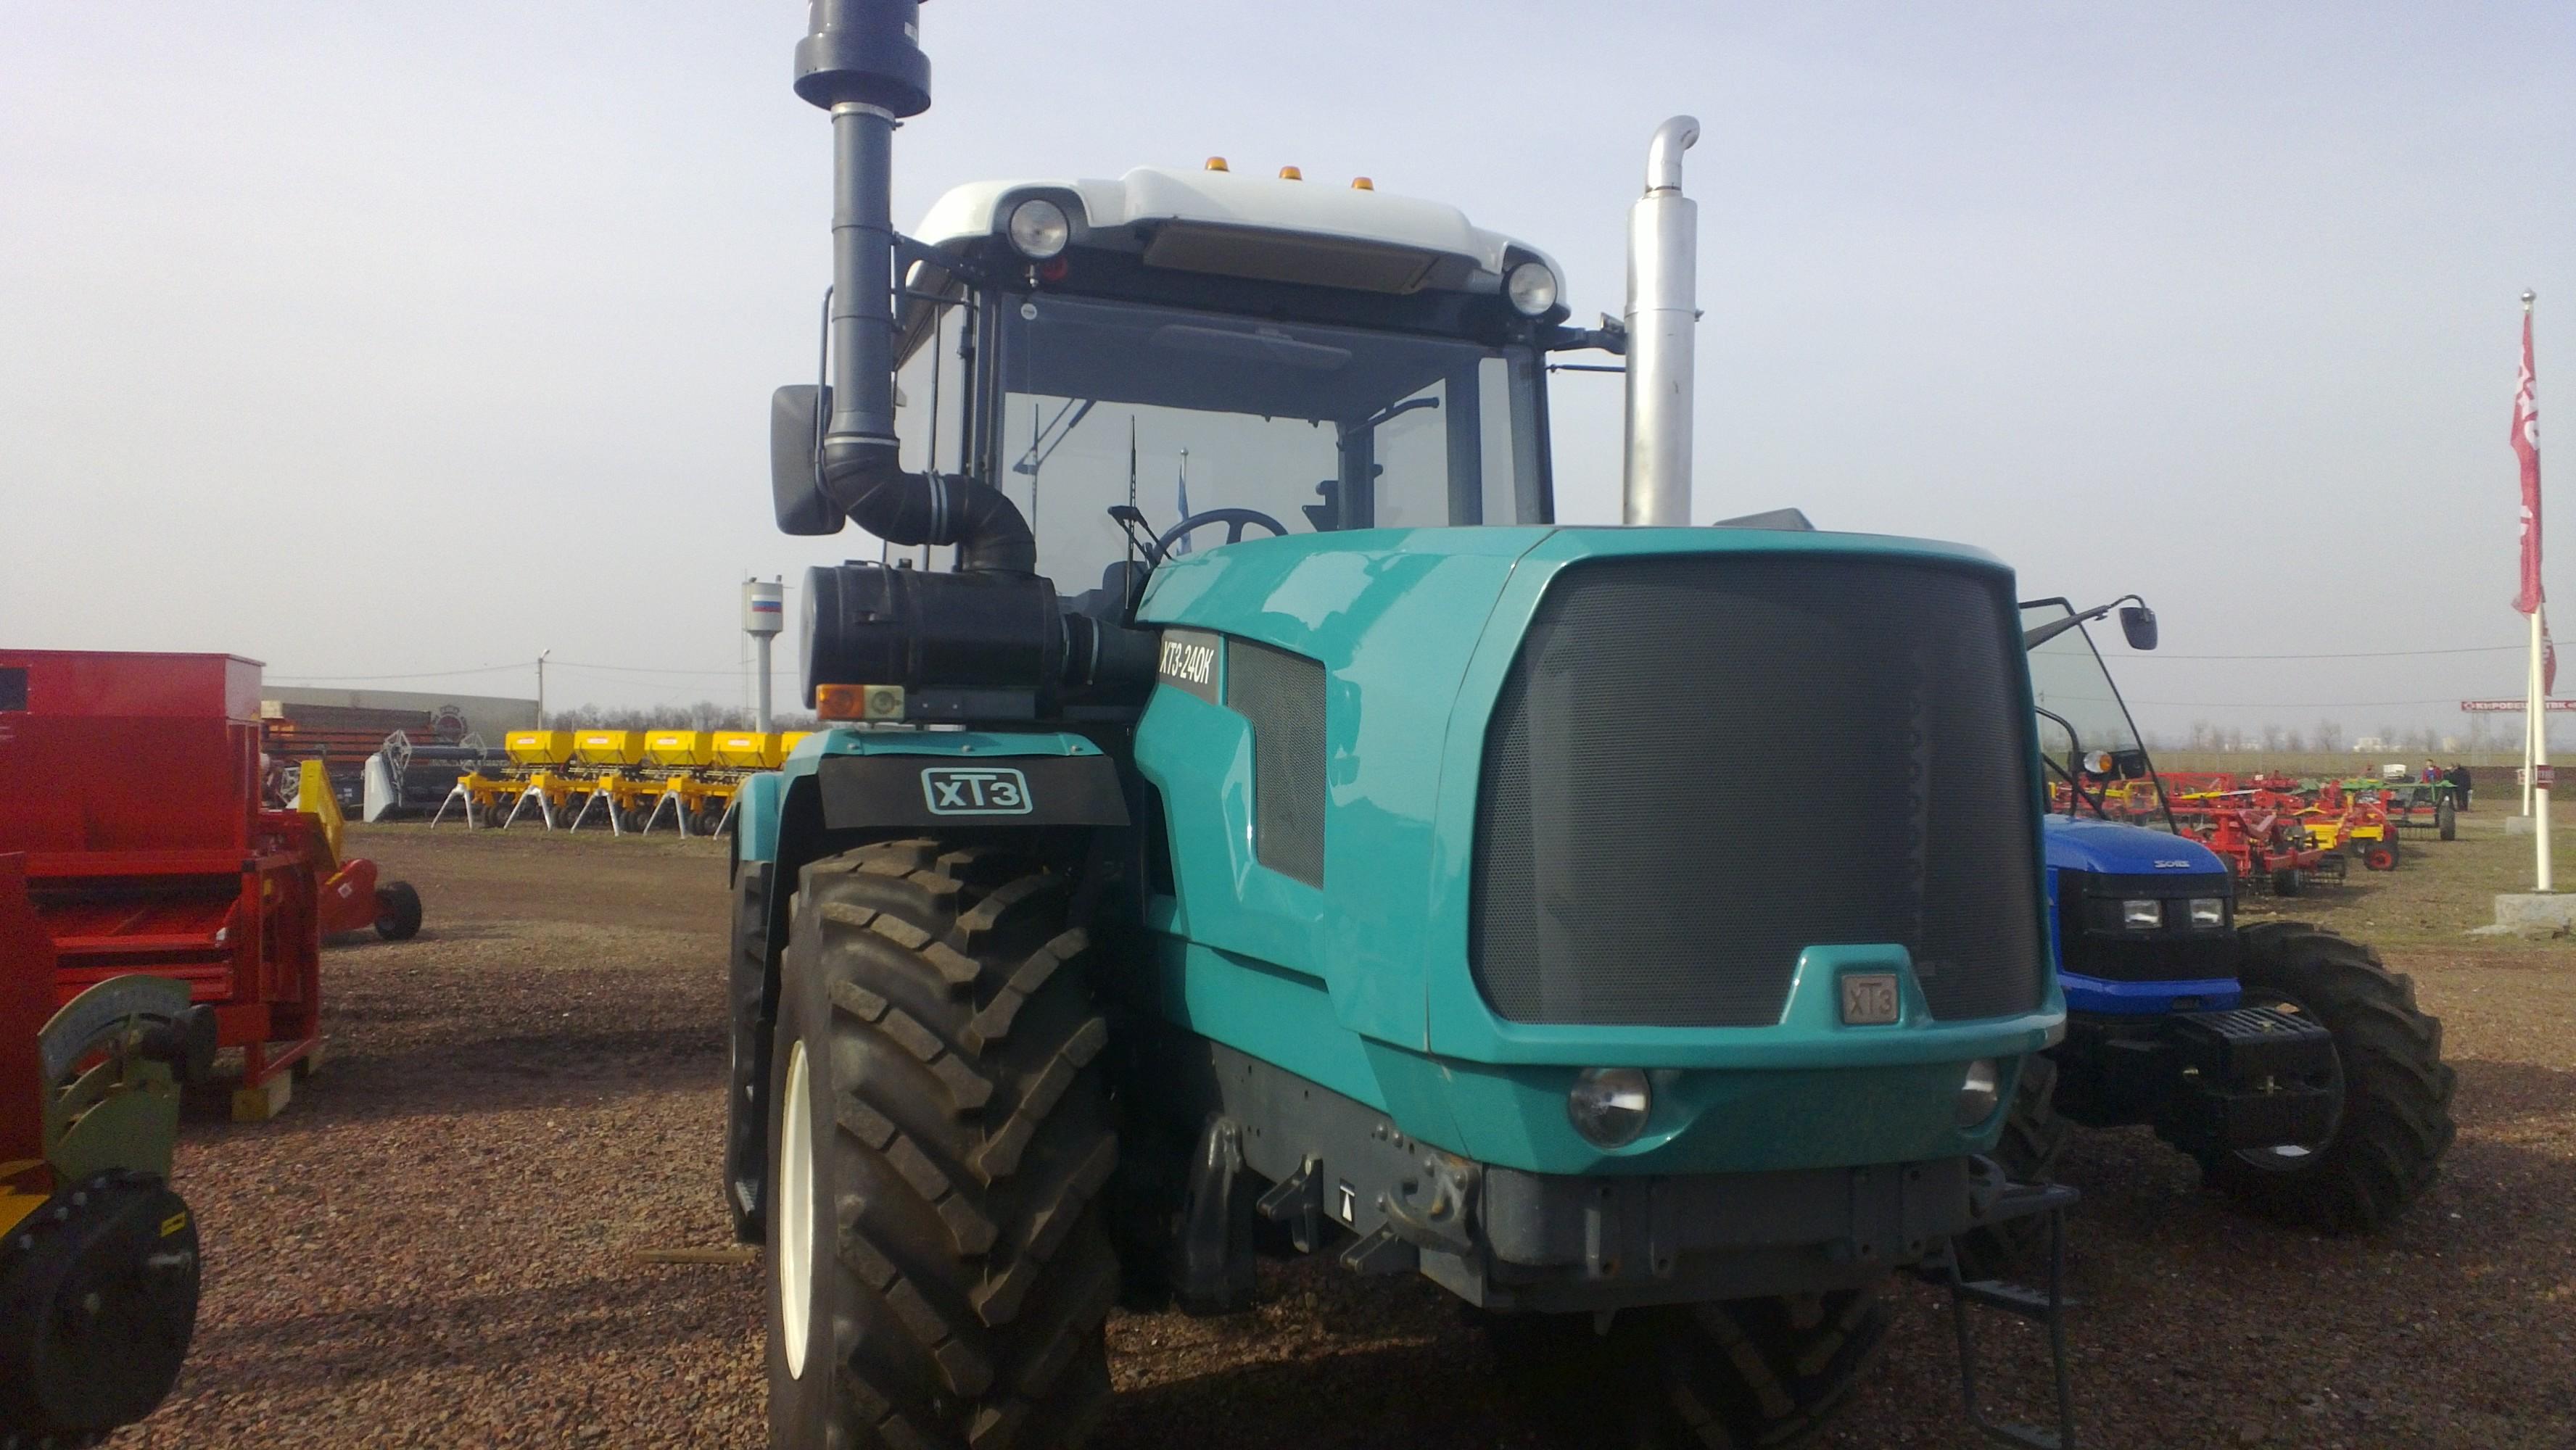 Купить Трактор ртм-160 ртм 160 (хтз лтз мтз) запчасти б/у.